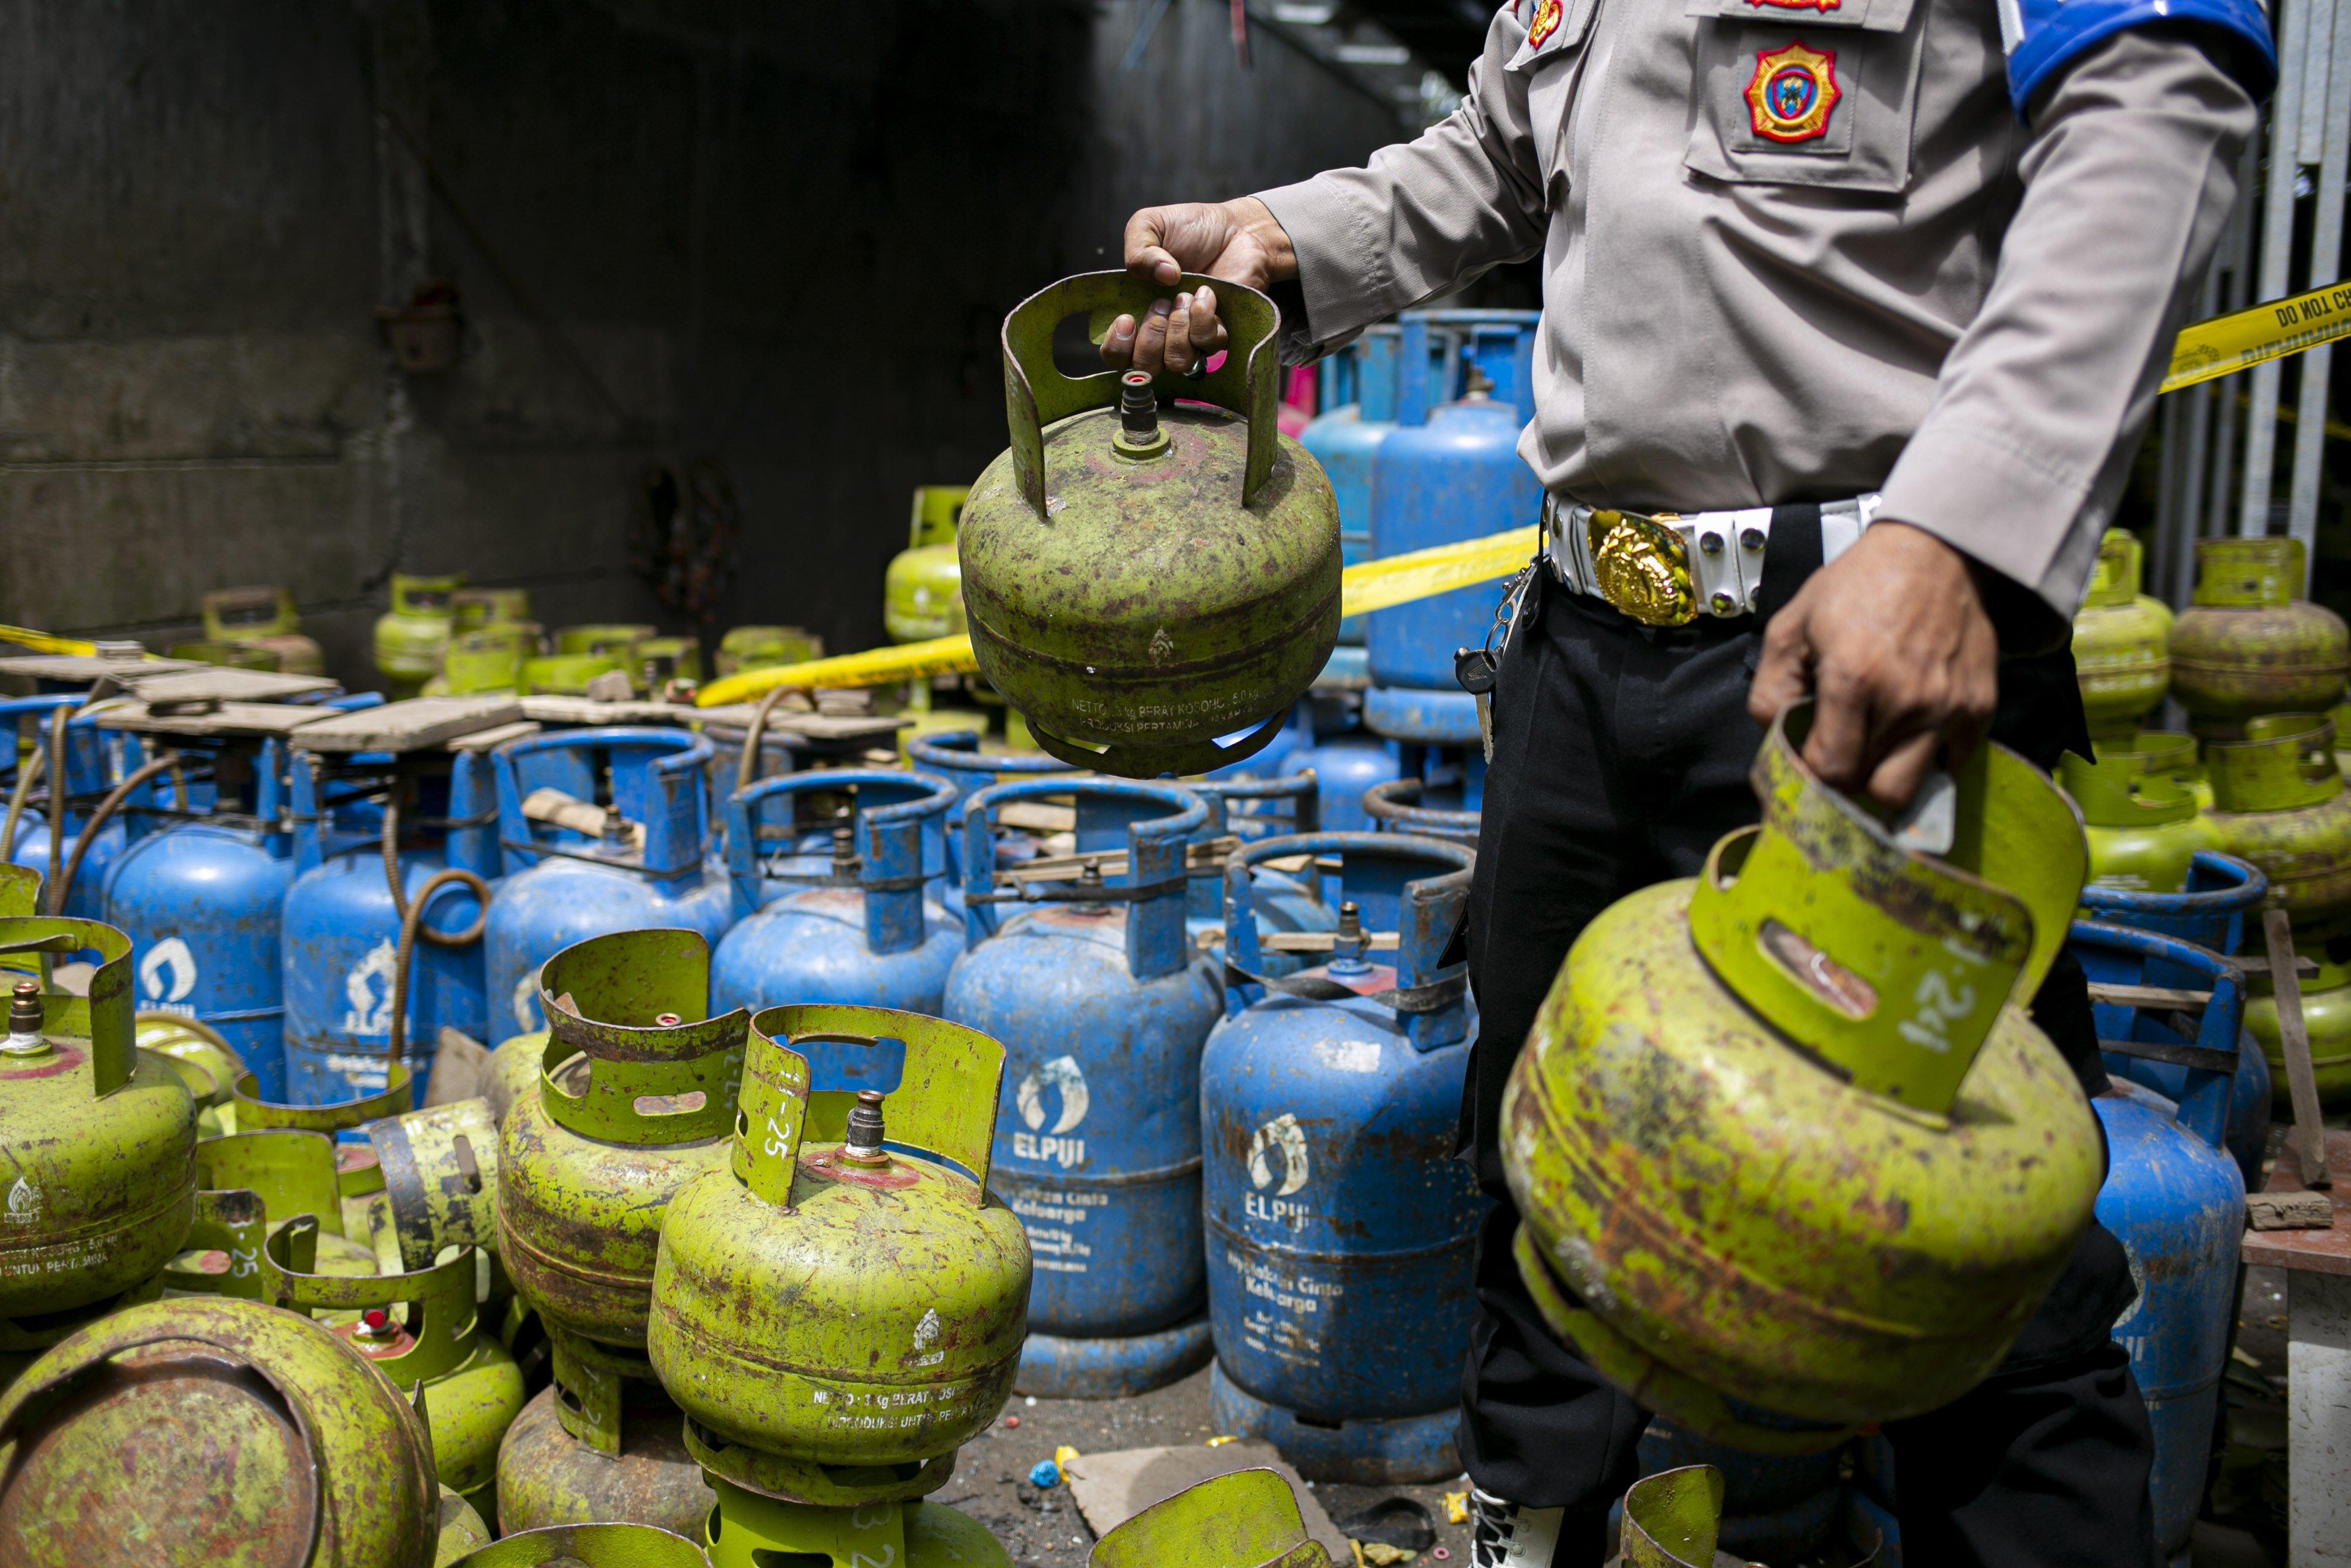 Petugas menunjukan barang bukti tabung gas LPG kasus pengoplosan gas bersubsidi di kawasan Meruya, Jakarta Barat, Selasa (6/4/2021). Bareskrim Polri membongkar praktik kecurangan dengan cara menyalahgunakan penggunaan gas LPG subsidi 3 kg dengan menyuntikkan ke gas 12 kg, aksi tersebut berlangsung sejak tahun 2018 dengan kerugian negara mencapai Rp 7 miliar.